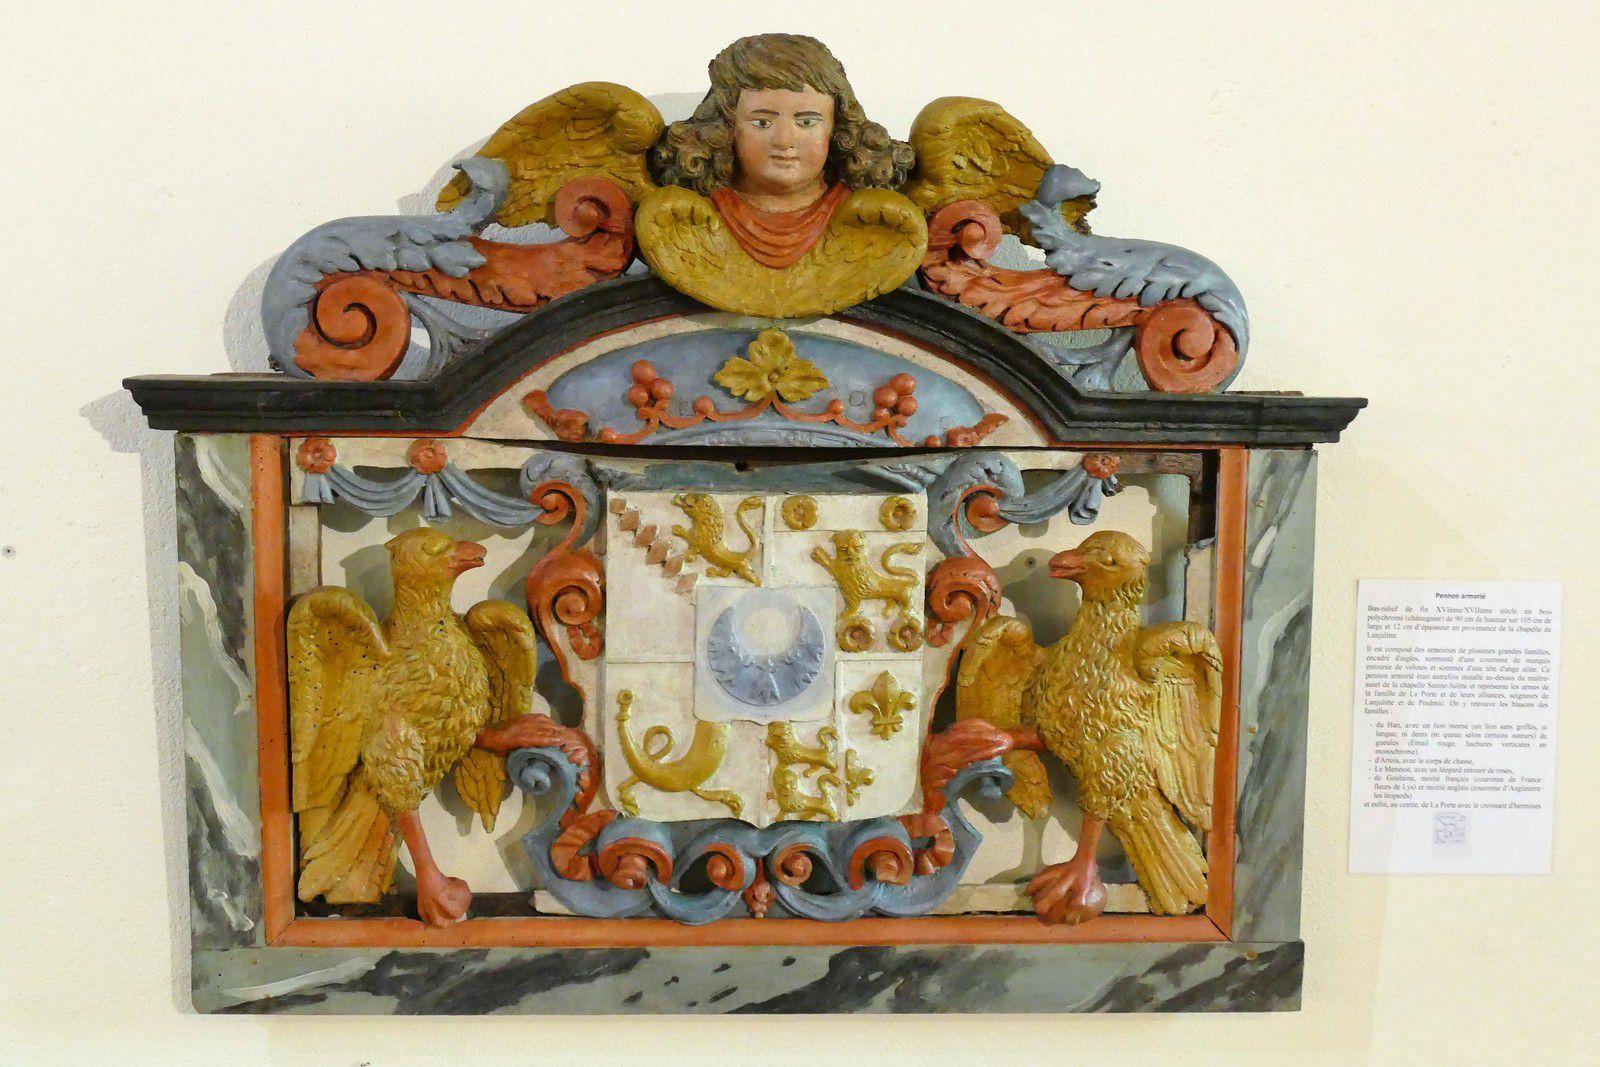 Pennon généalogique provenant de la chapelle de Lanjulitte  et exposé dans l' église de Telgruc. Photographie lavieb-aile juillet 2020.